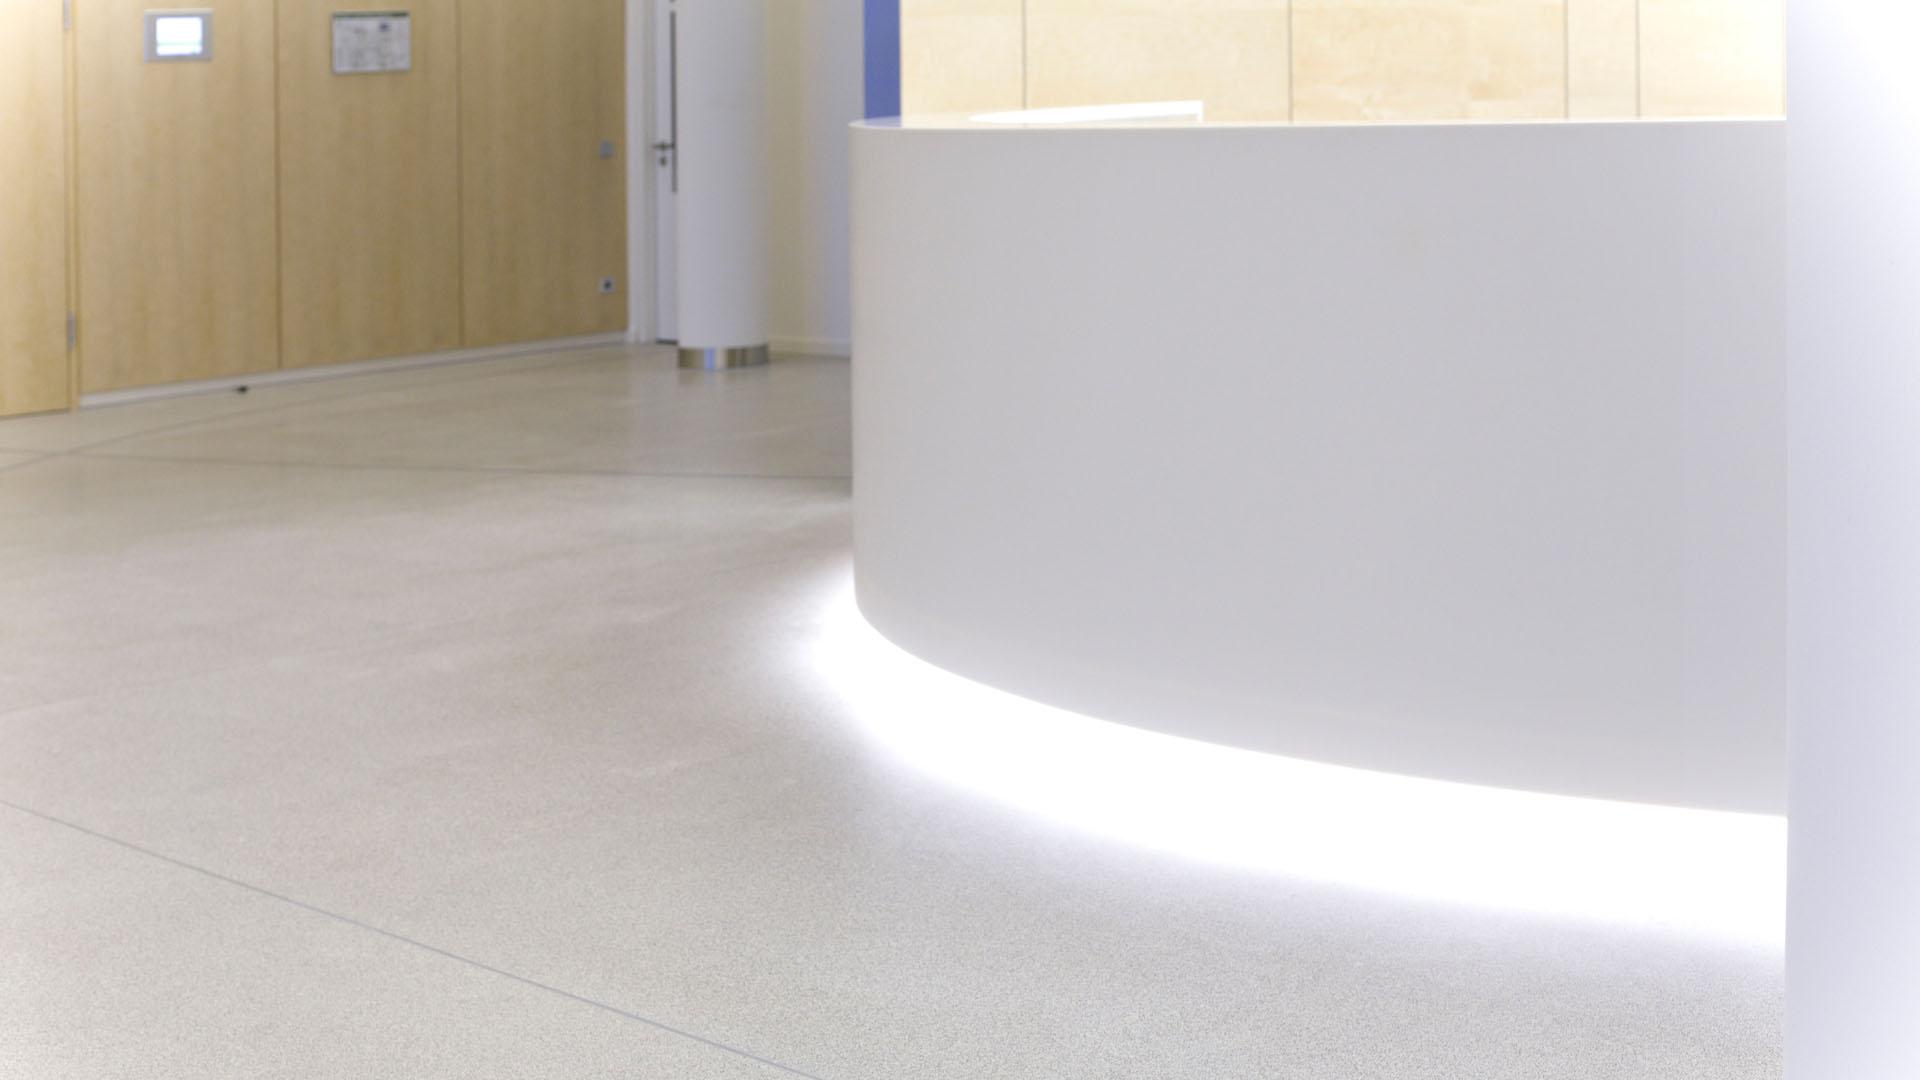 MAASS-Lichtplanung_Lichtplanung im Foyer der SEB Zentrale__MAASS-Skylight-Foyer-006